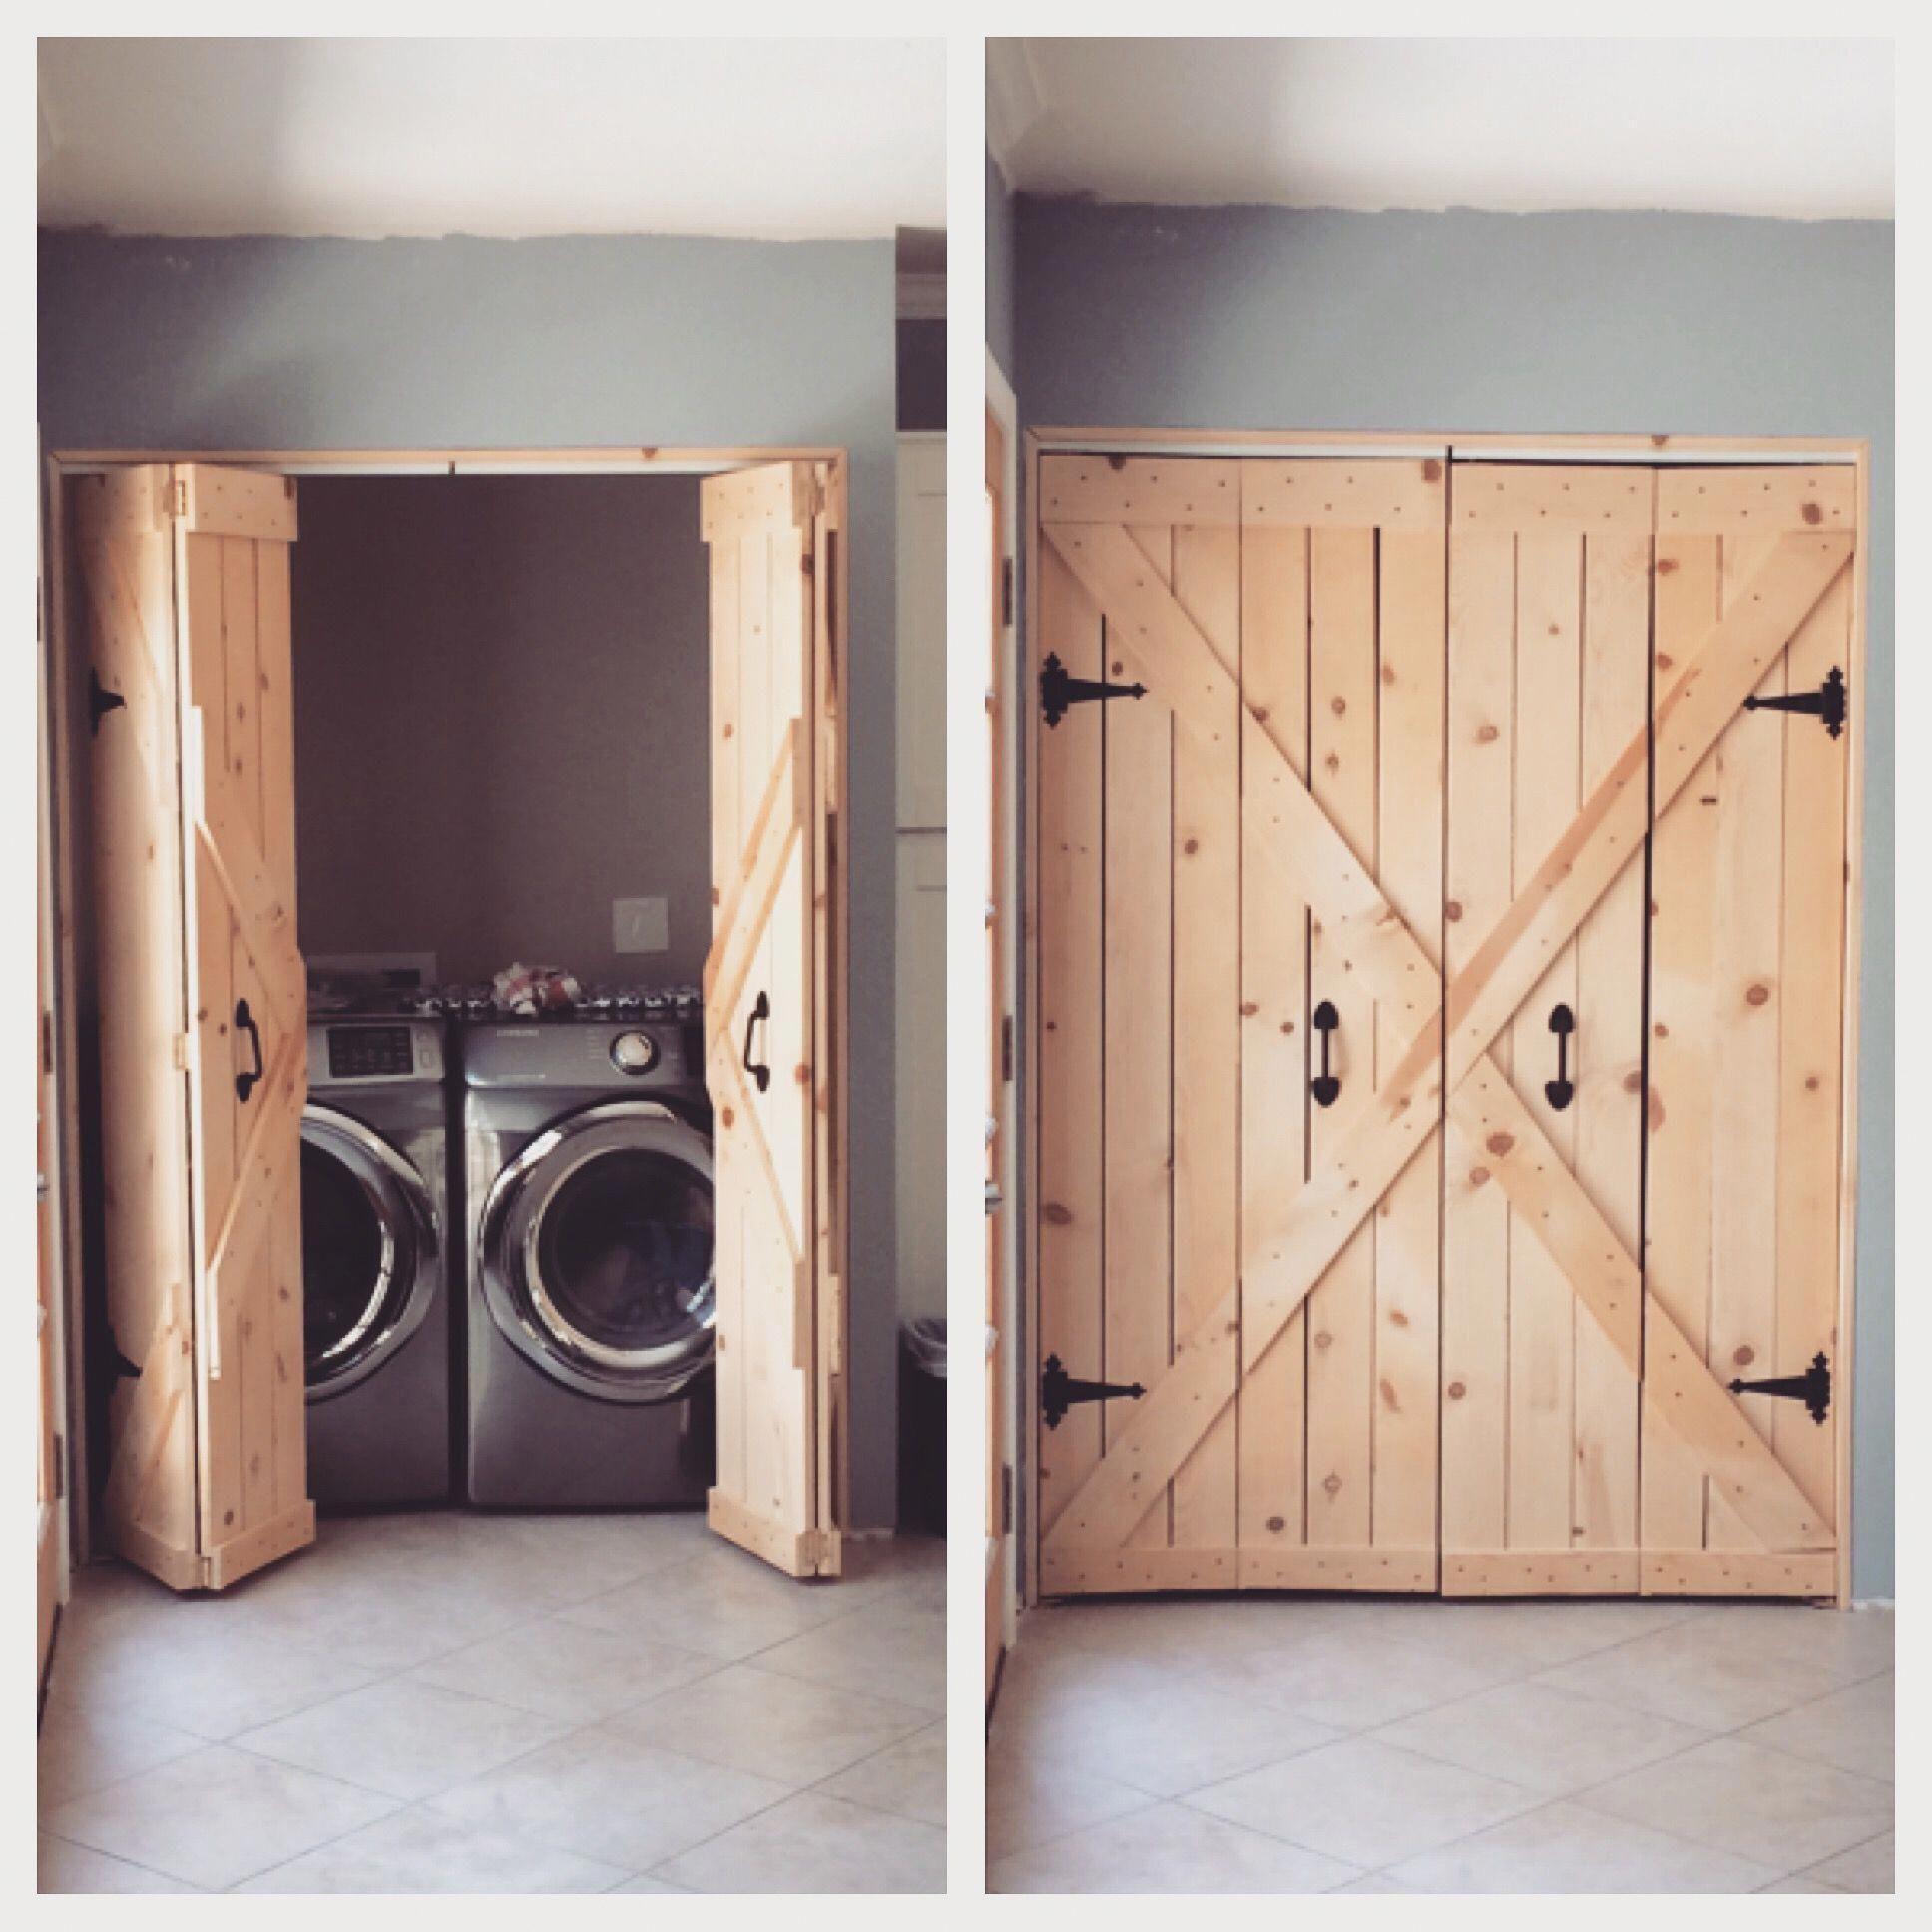 Custom Built Barn Door Style Bifold Laundry Doors For My Girls Closet Barndoor Bifold Built Closet In 2020 Laundry Room Doors Laundry Doors Closet Door Makeover